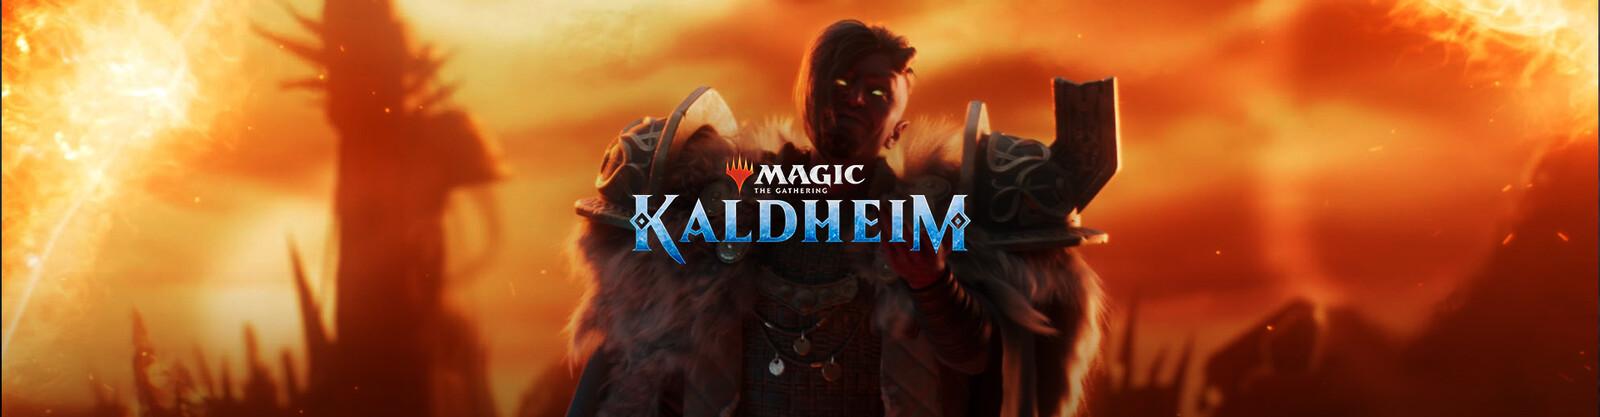 Magic the Gathering: Kaldheim